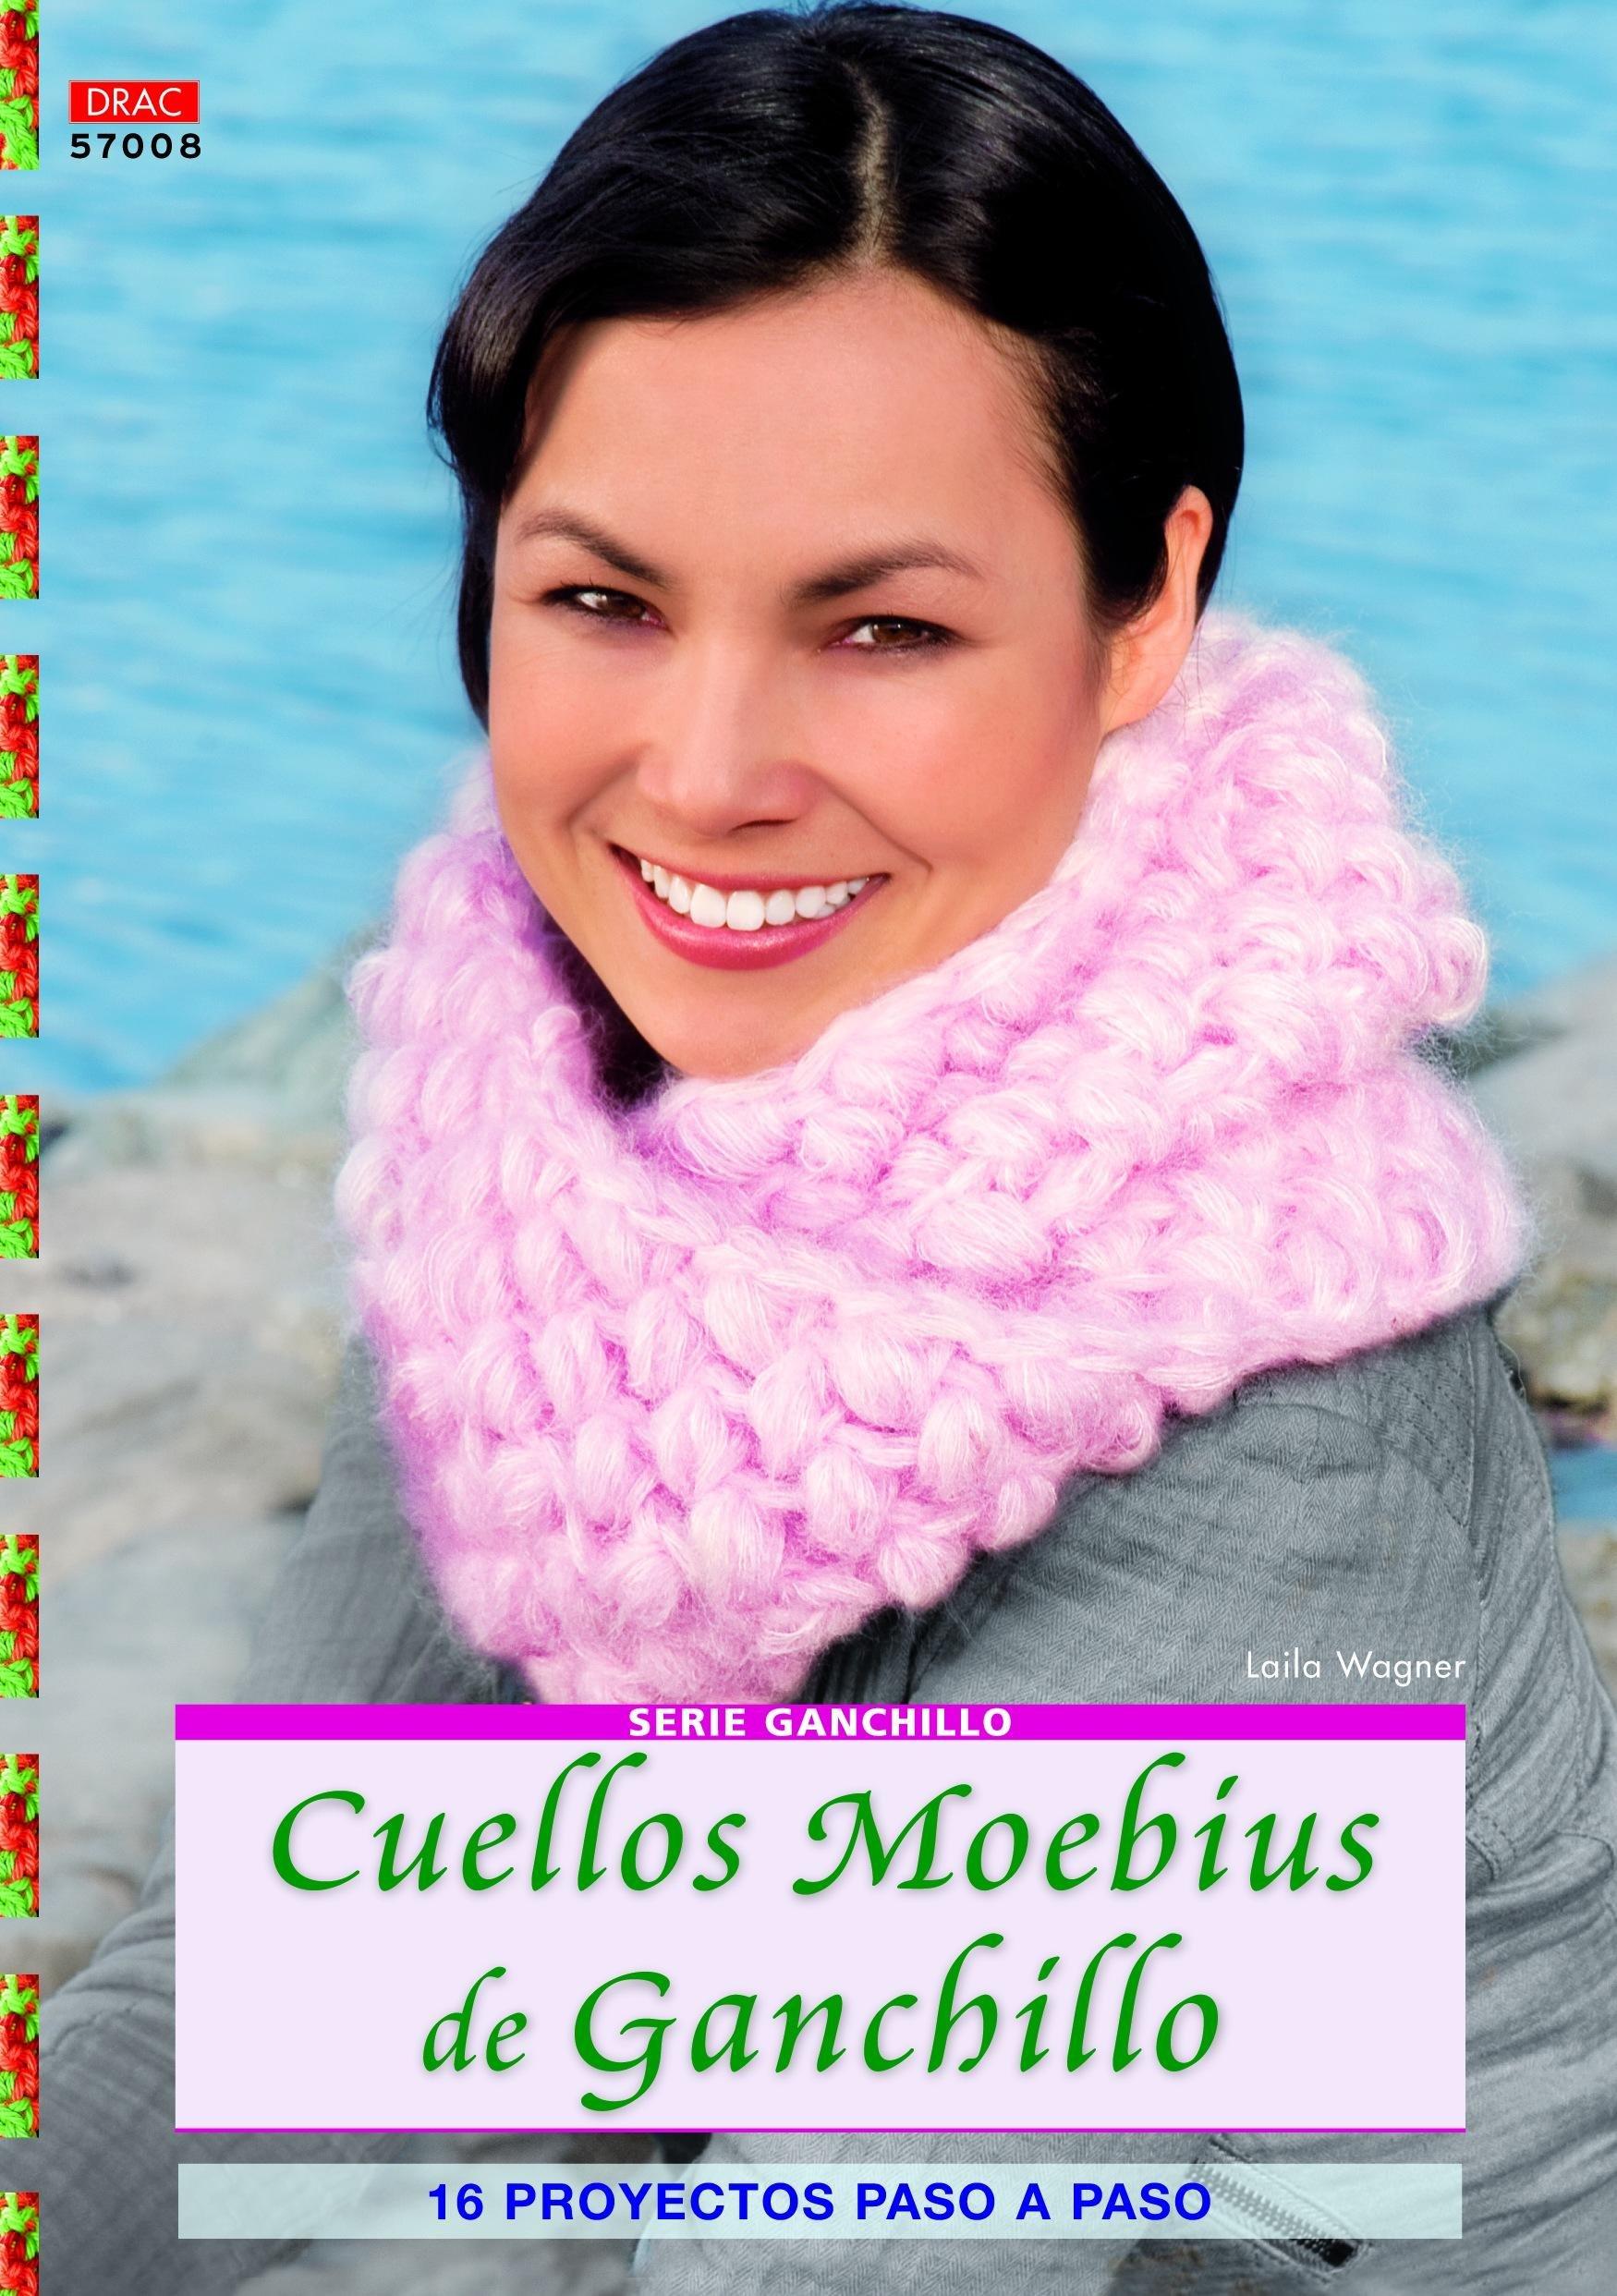 Cuellos Moebius de ganchillo: 16 proyectos paso a paso pdf epub